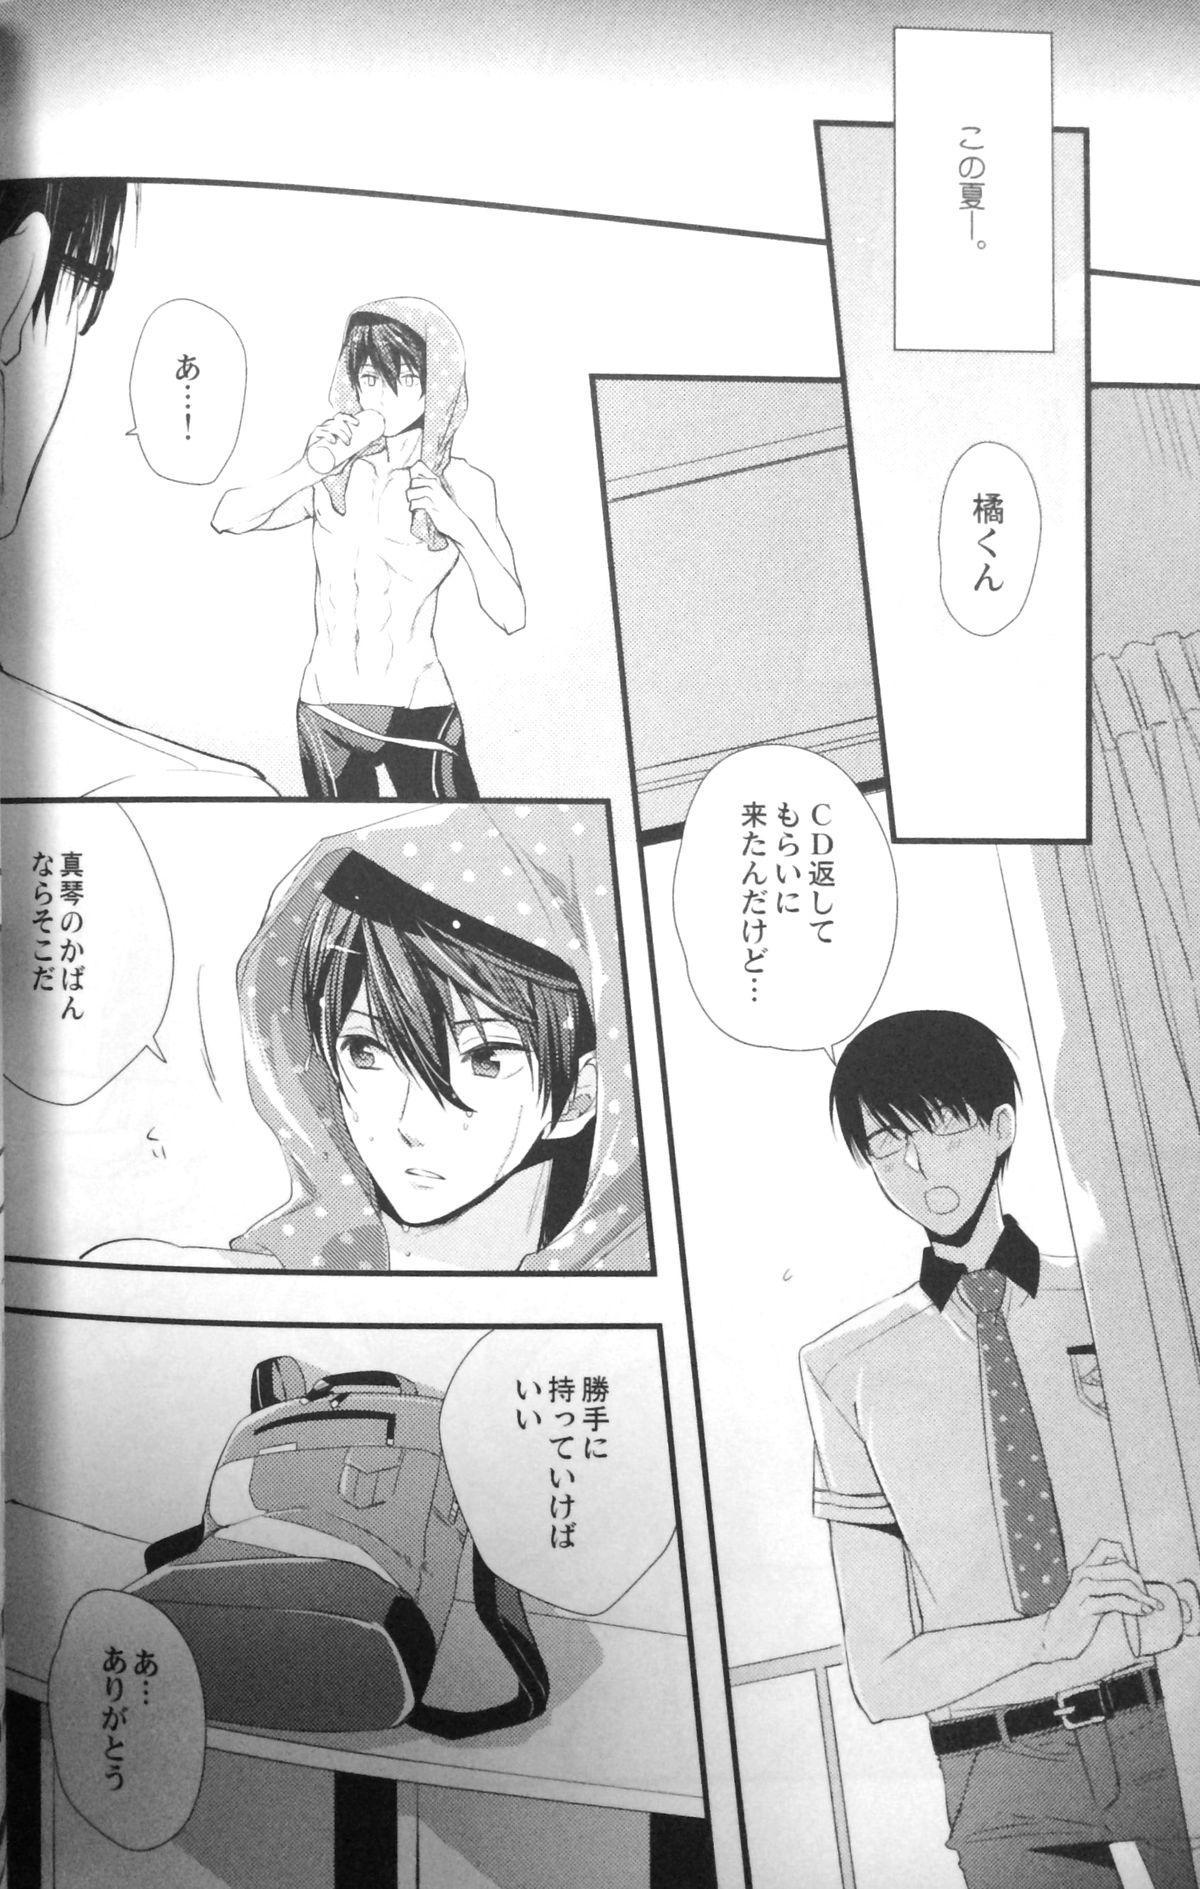 Basuke buchou ni Kokuhaku saretara Haru ni Okorareta 6